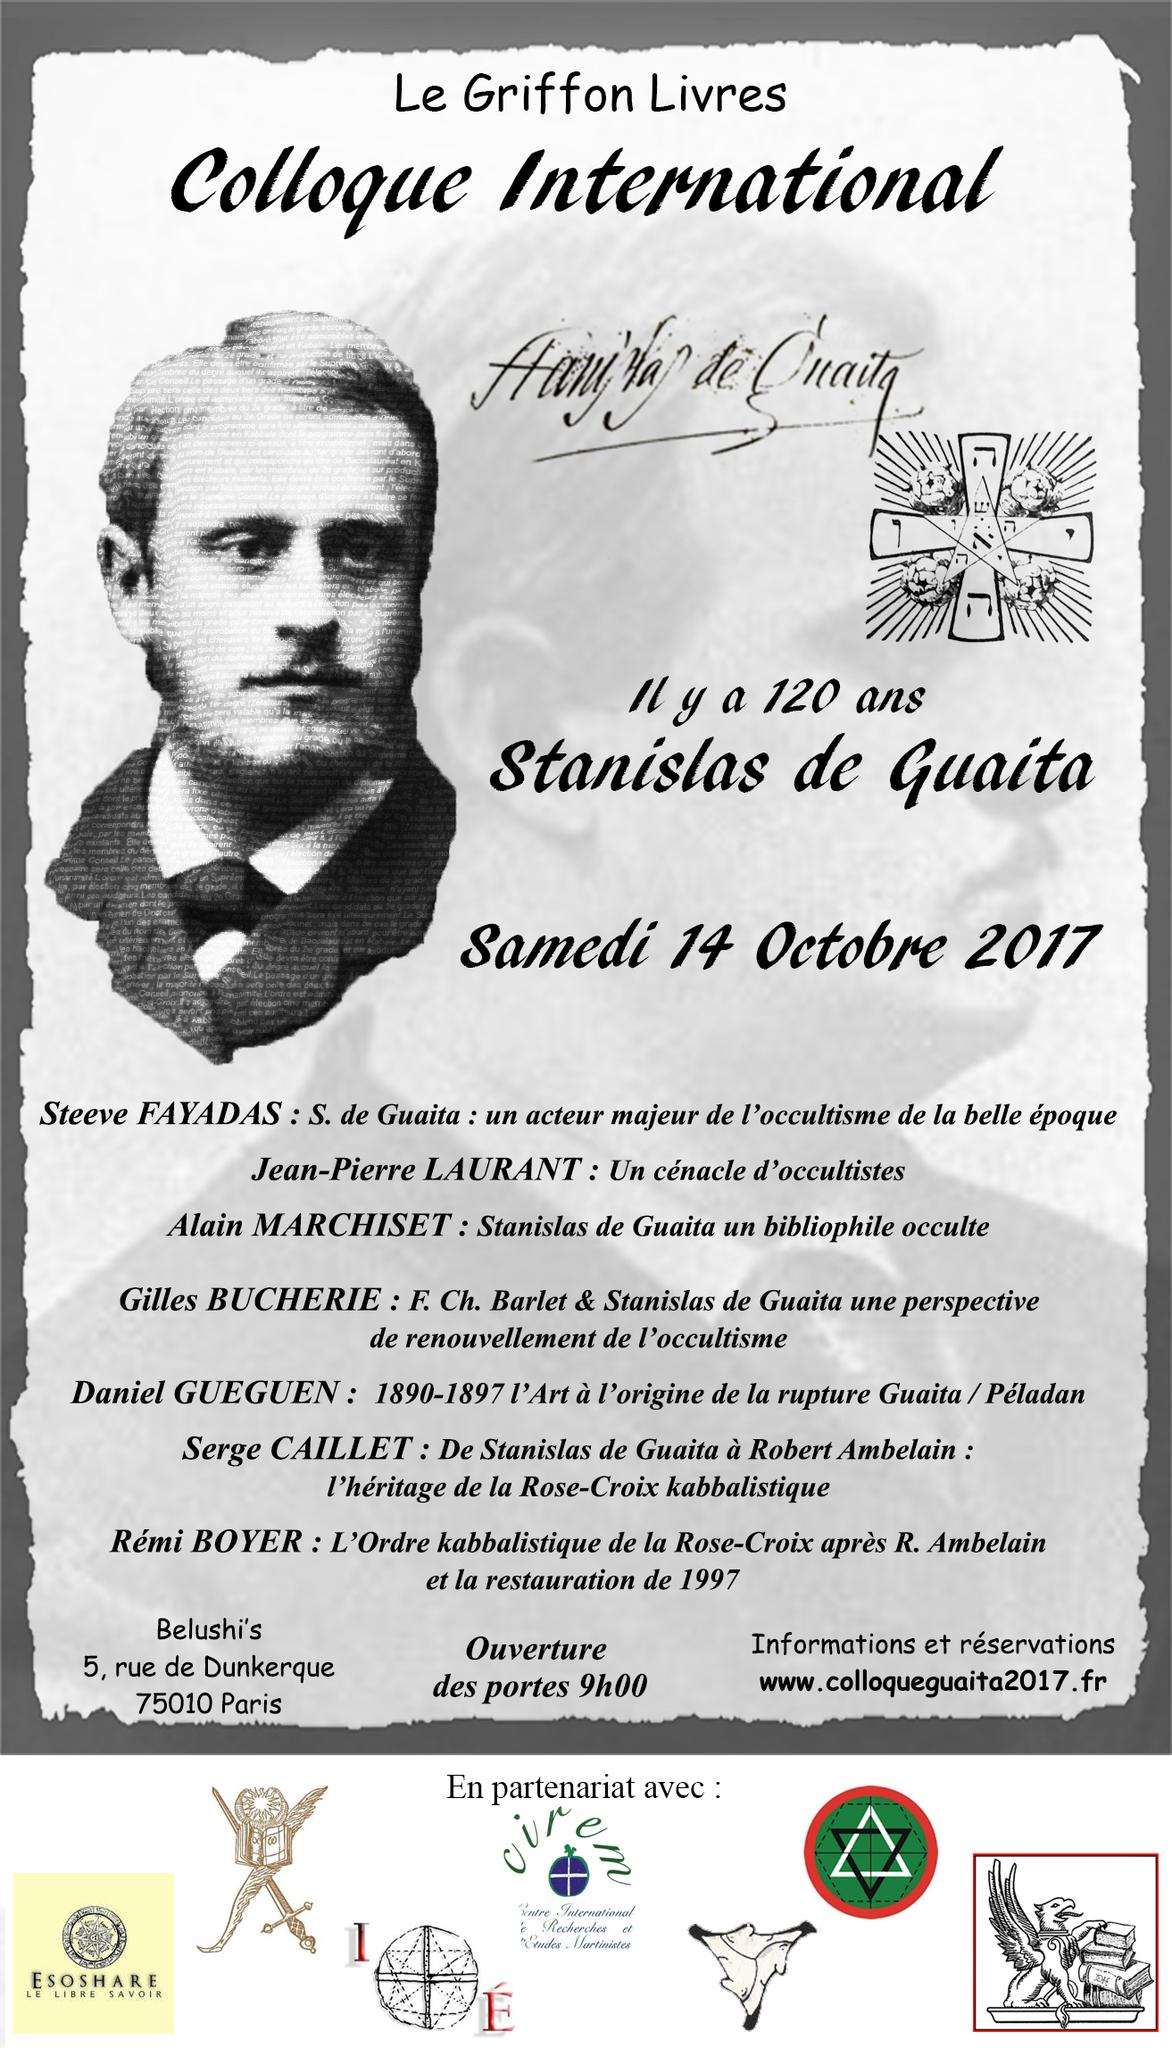 Information: colloque sur Stanislas de Guaita